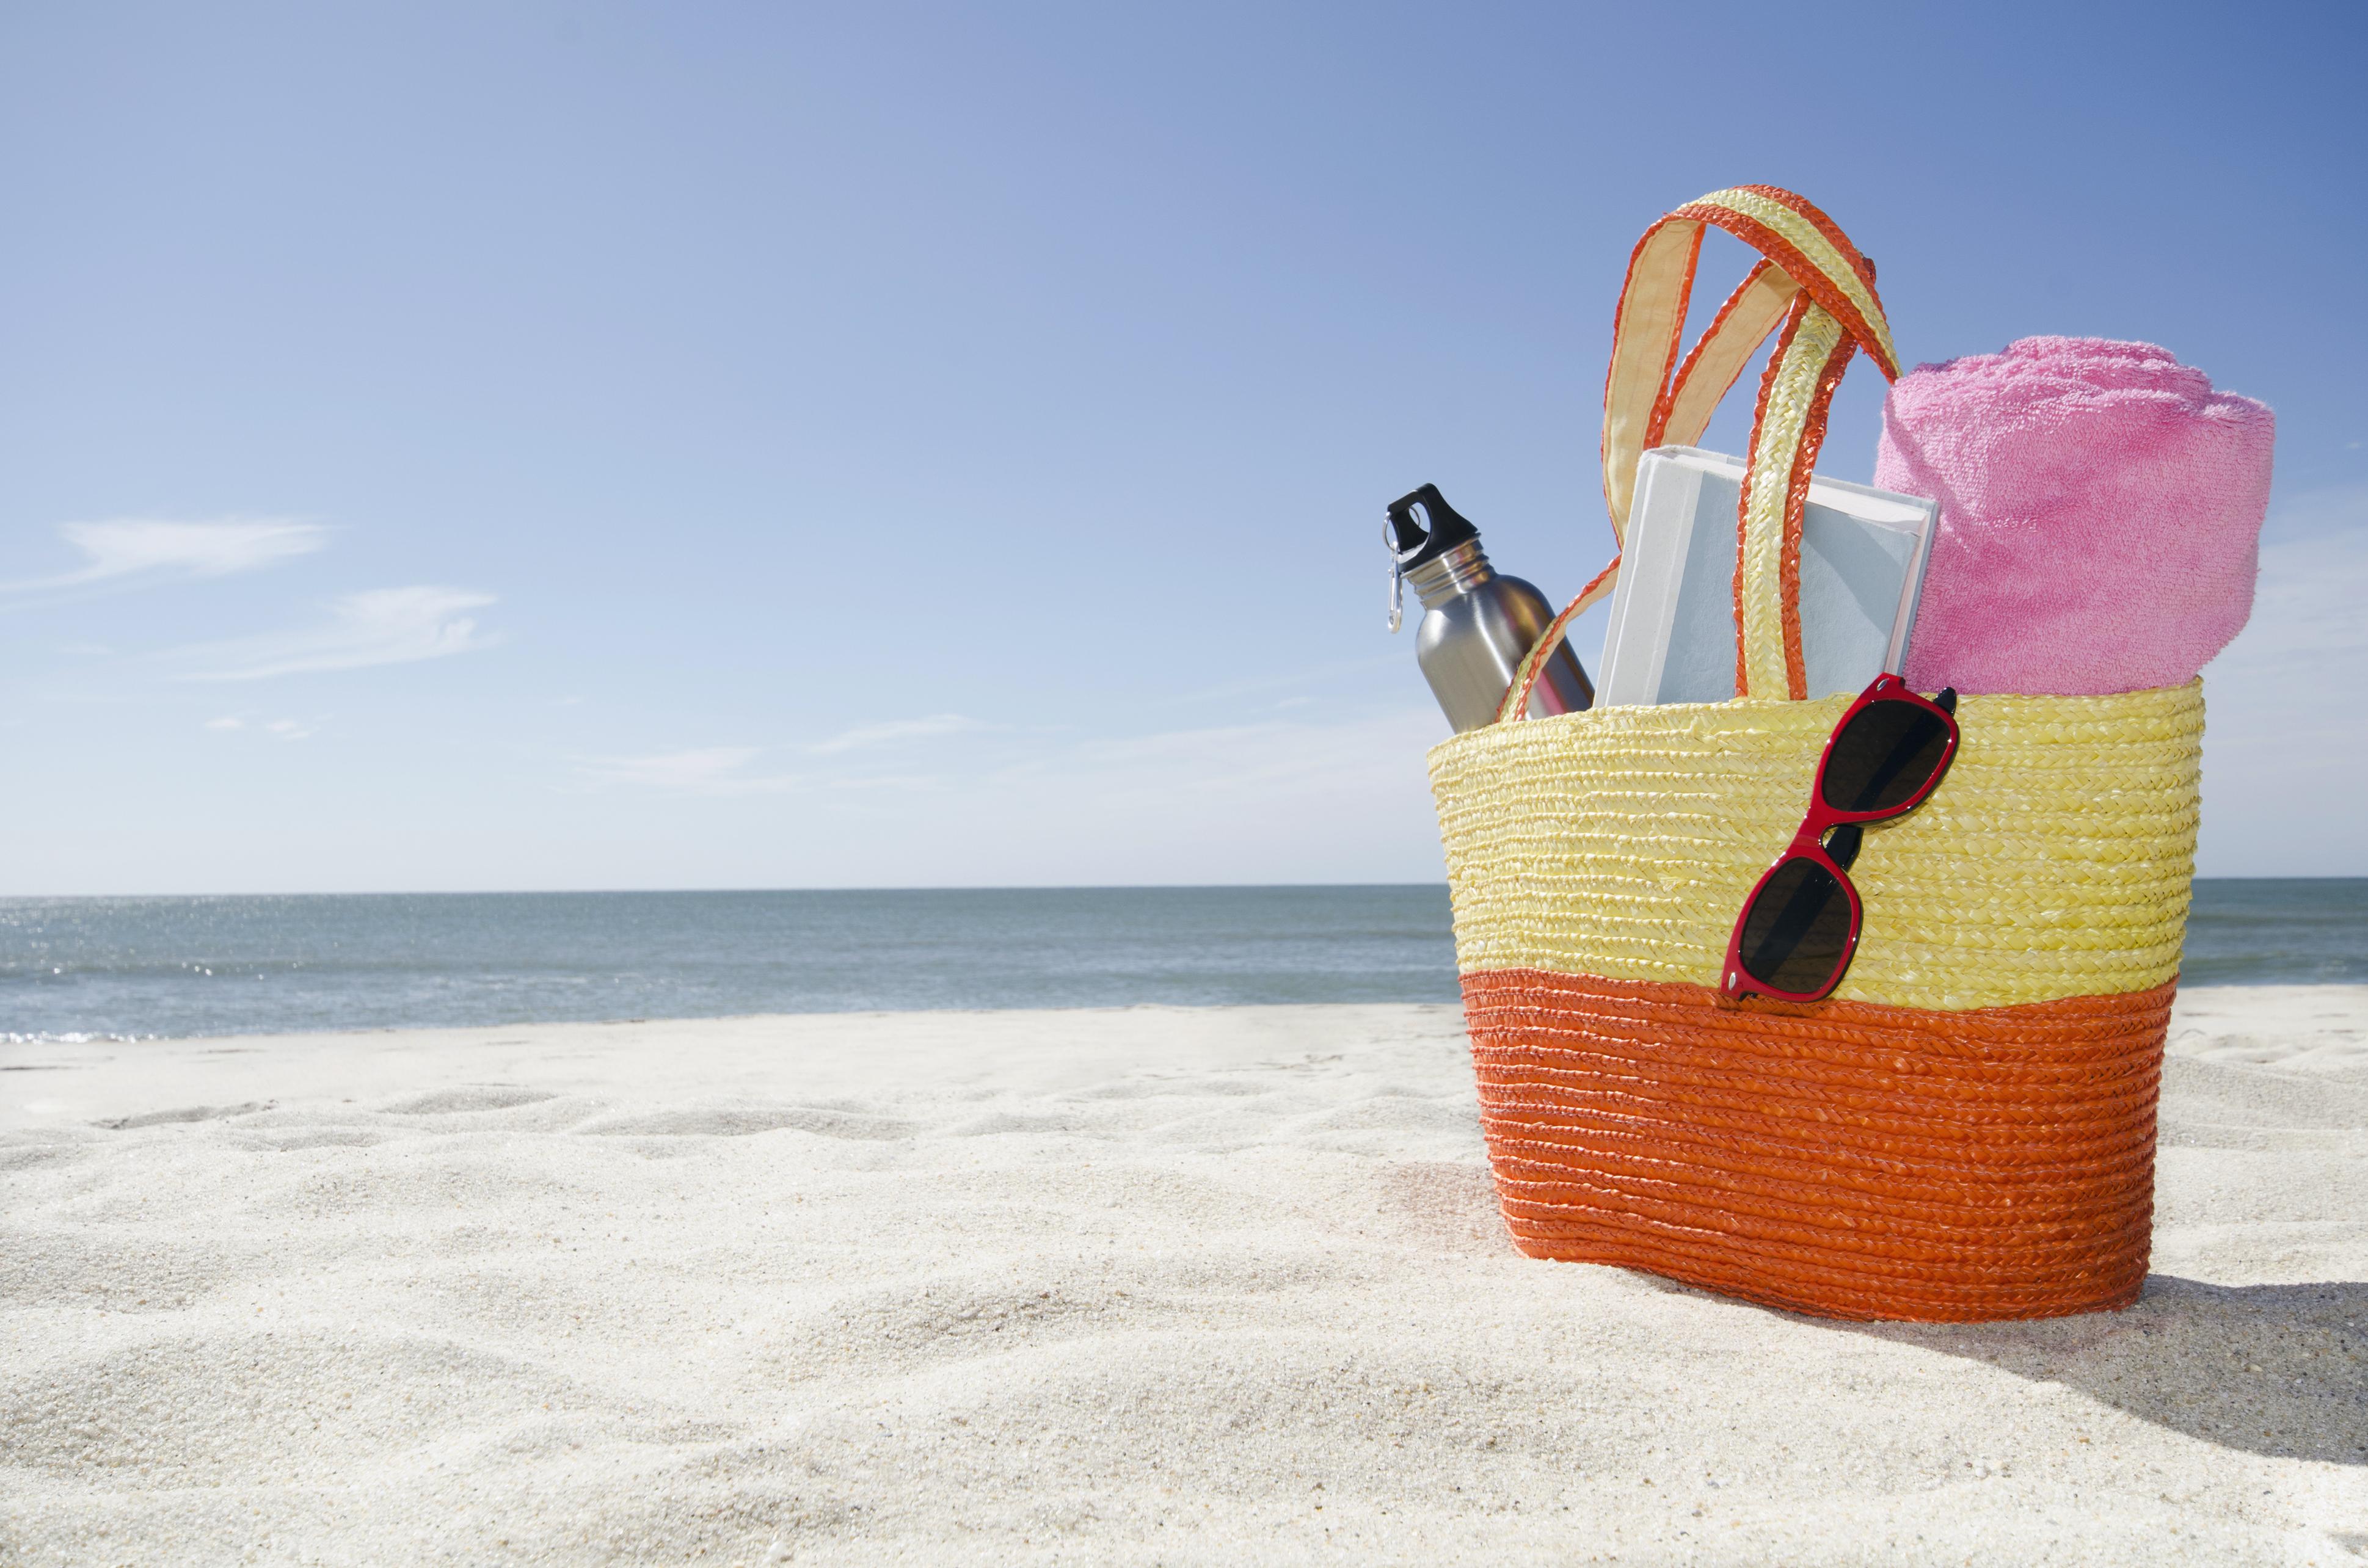 USA, Massachusetts, Nantucket, Beach bag with accessories